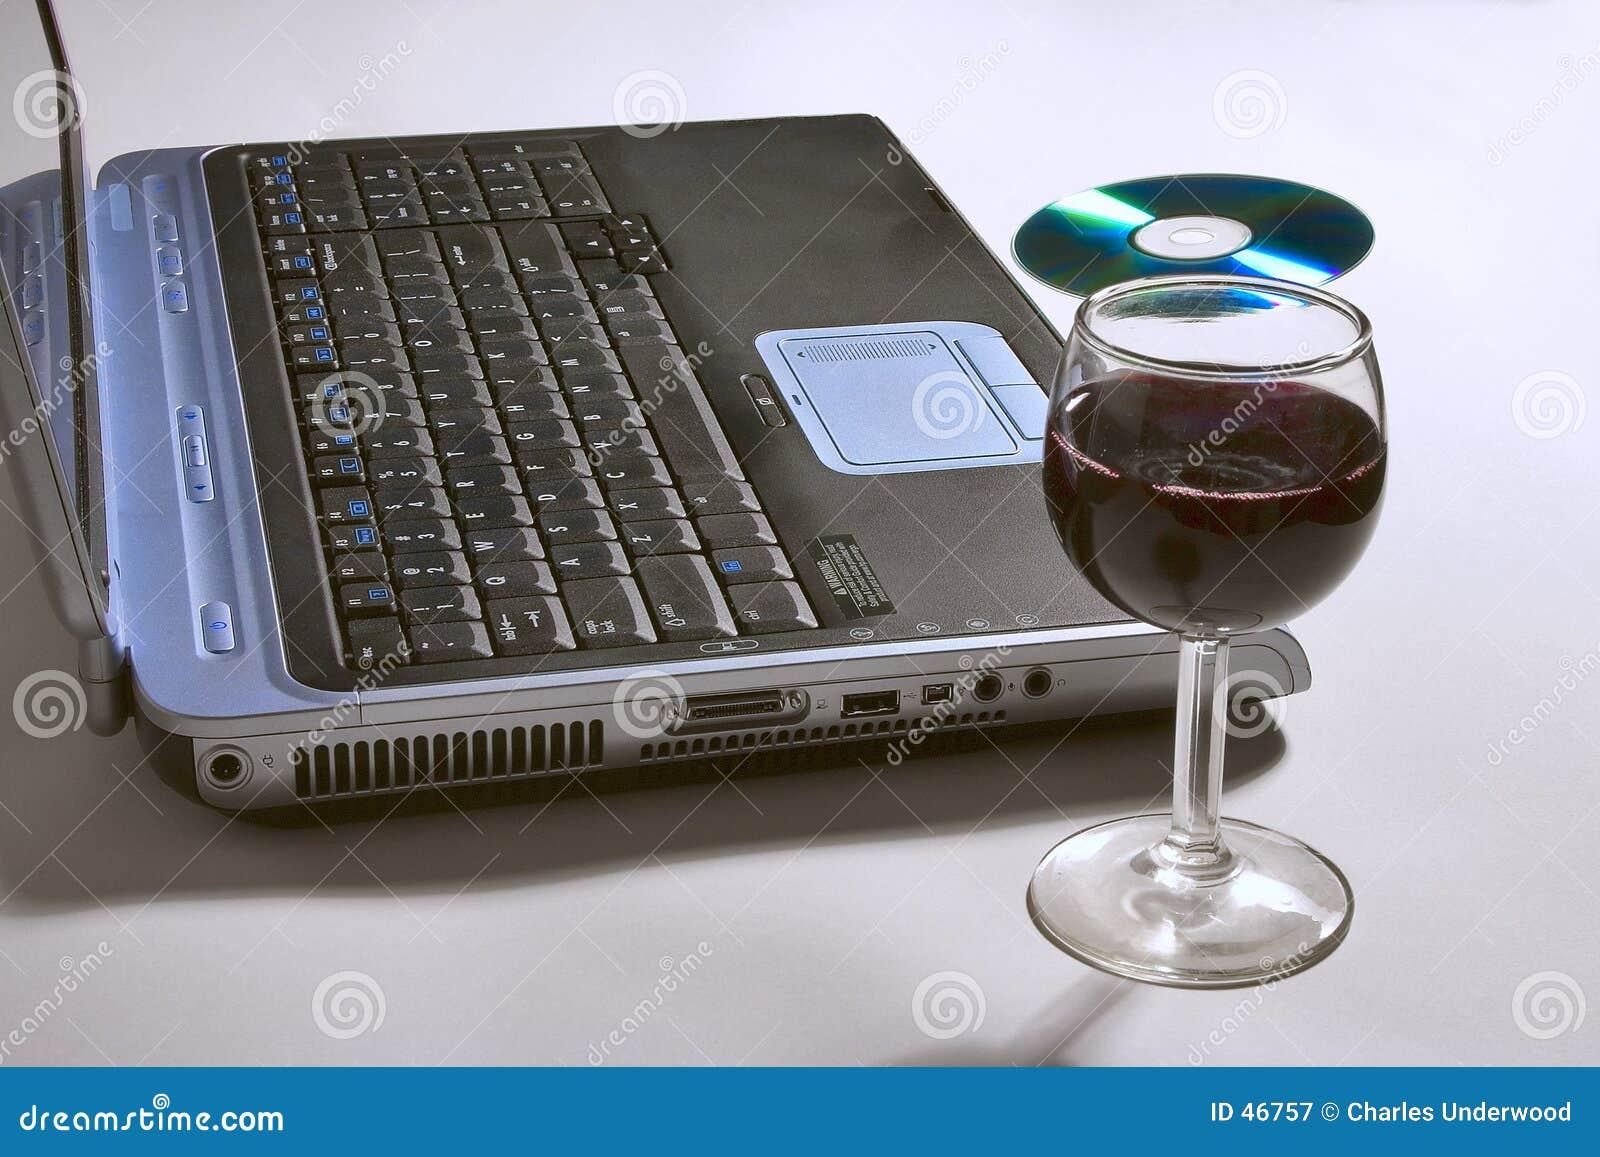 Laptop-Computer mit einem Glas Wein und CD.